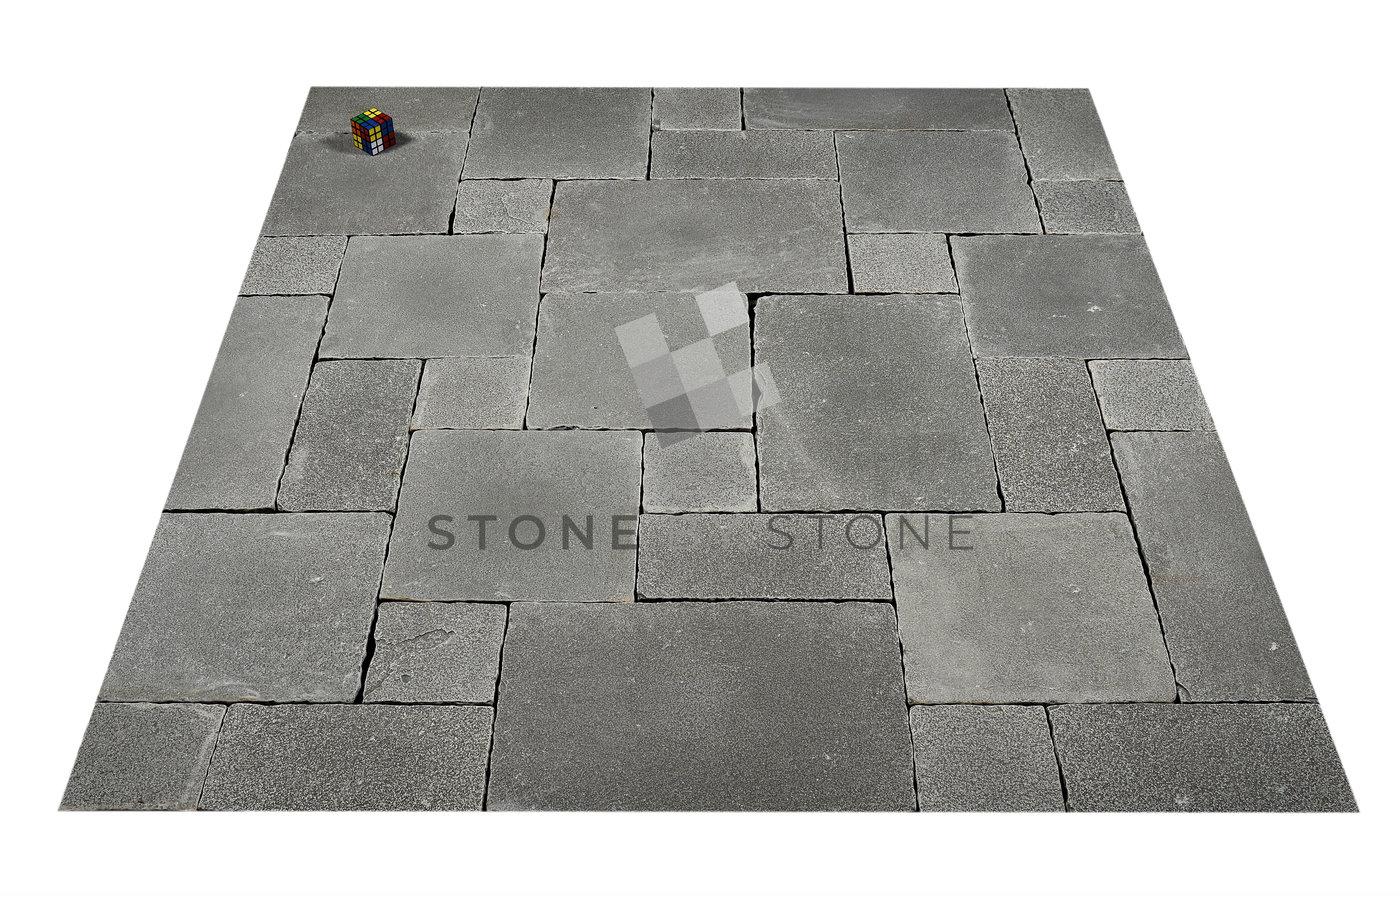 Dallage, Carrelage en Grès des Indes : Gris | Stone By Stone